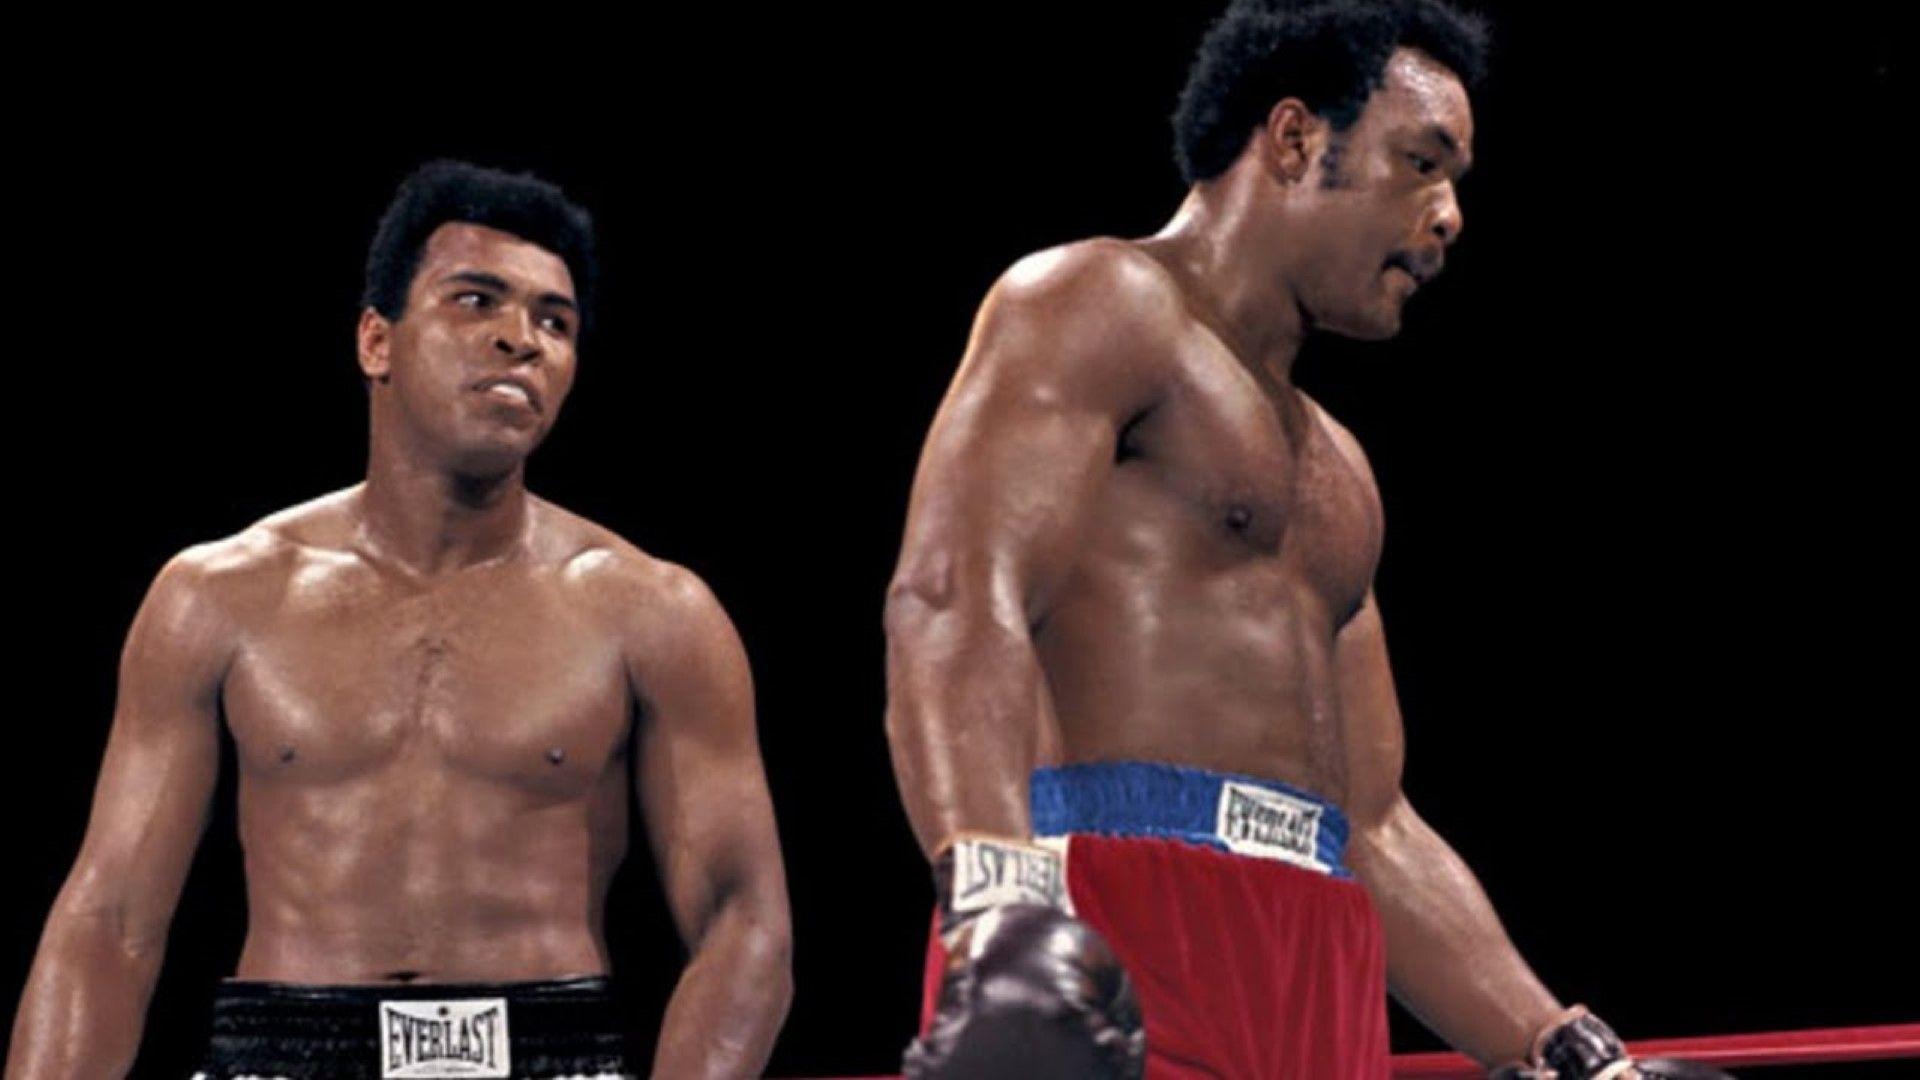 Големият сблъсък между Али и Форман